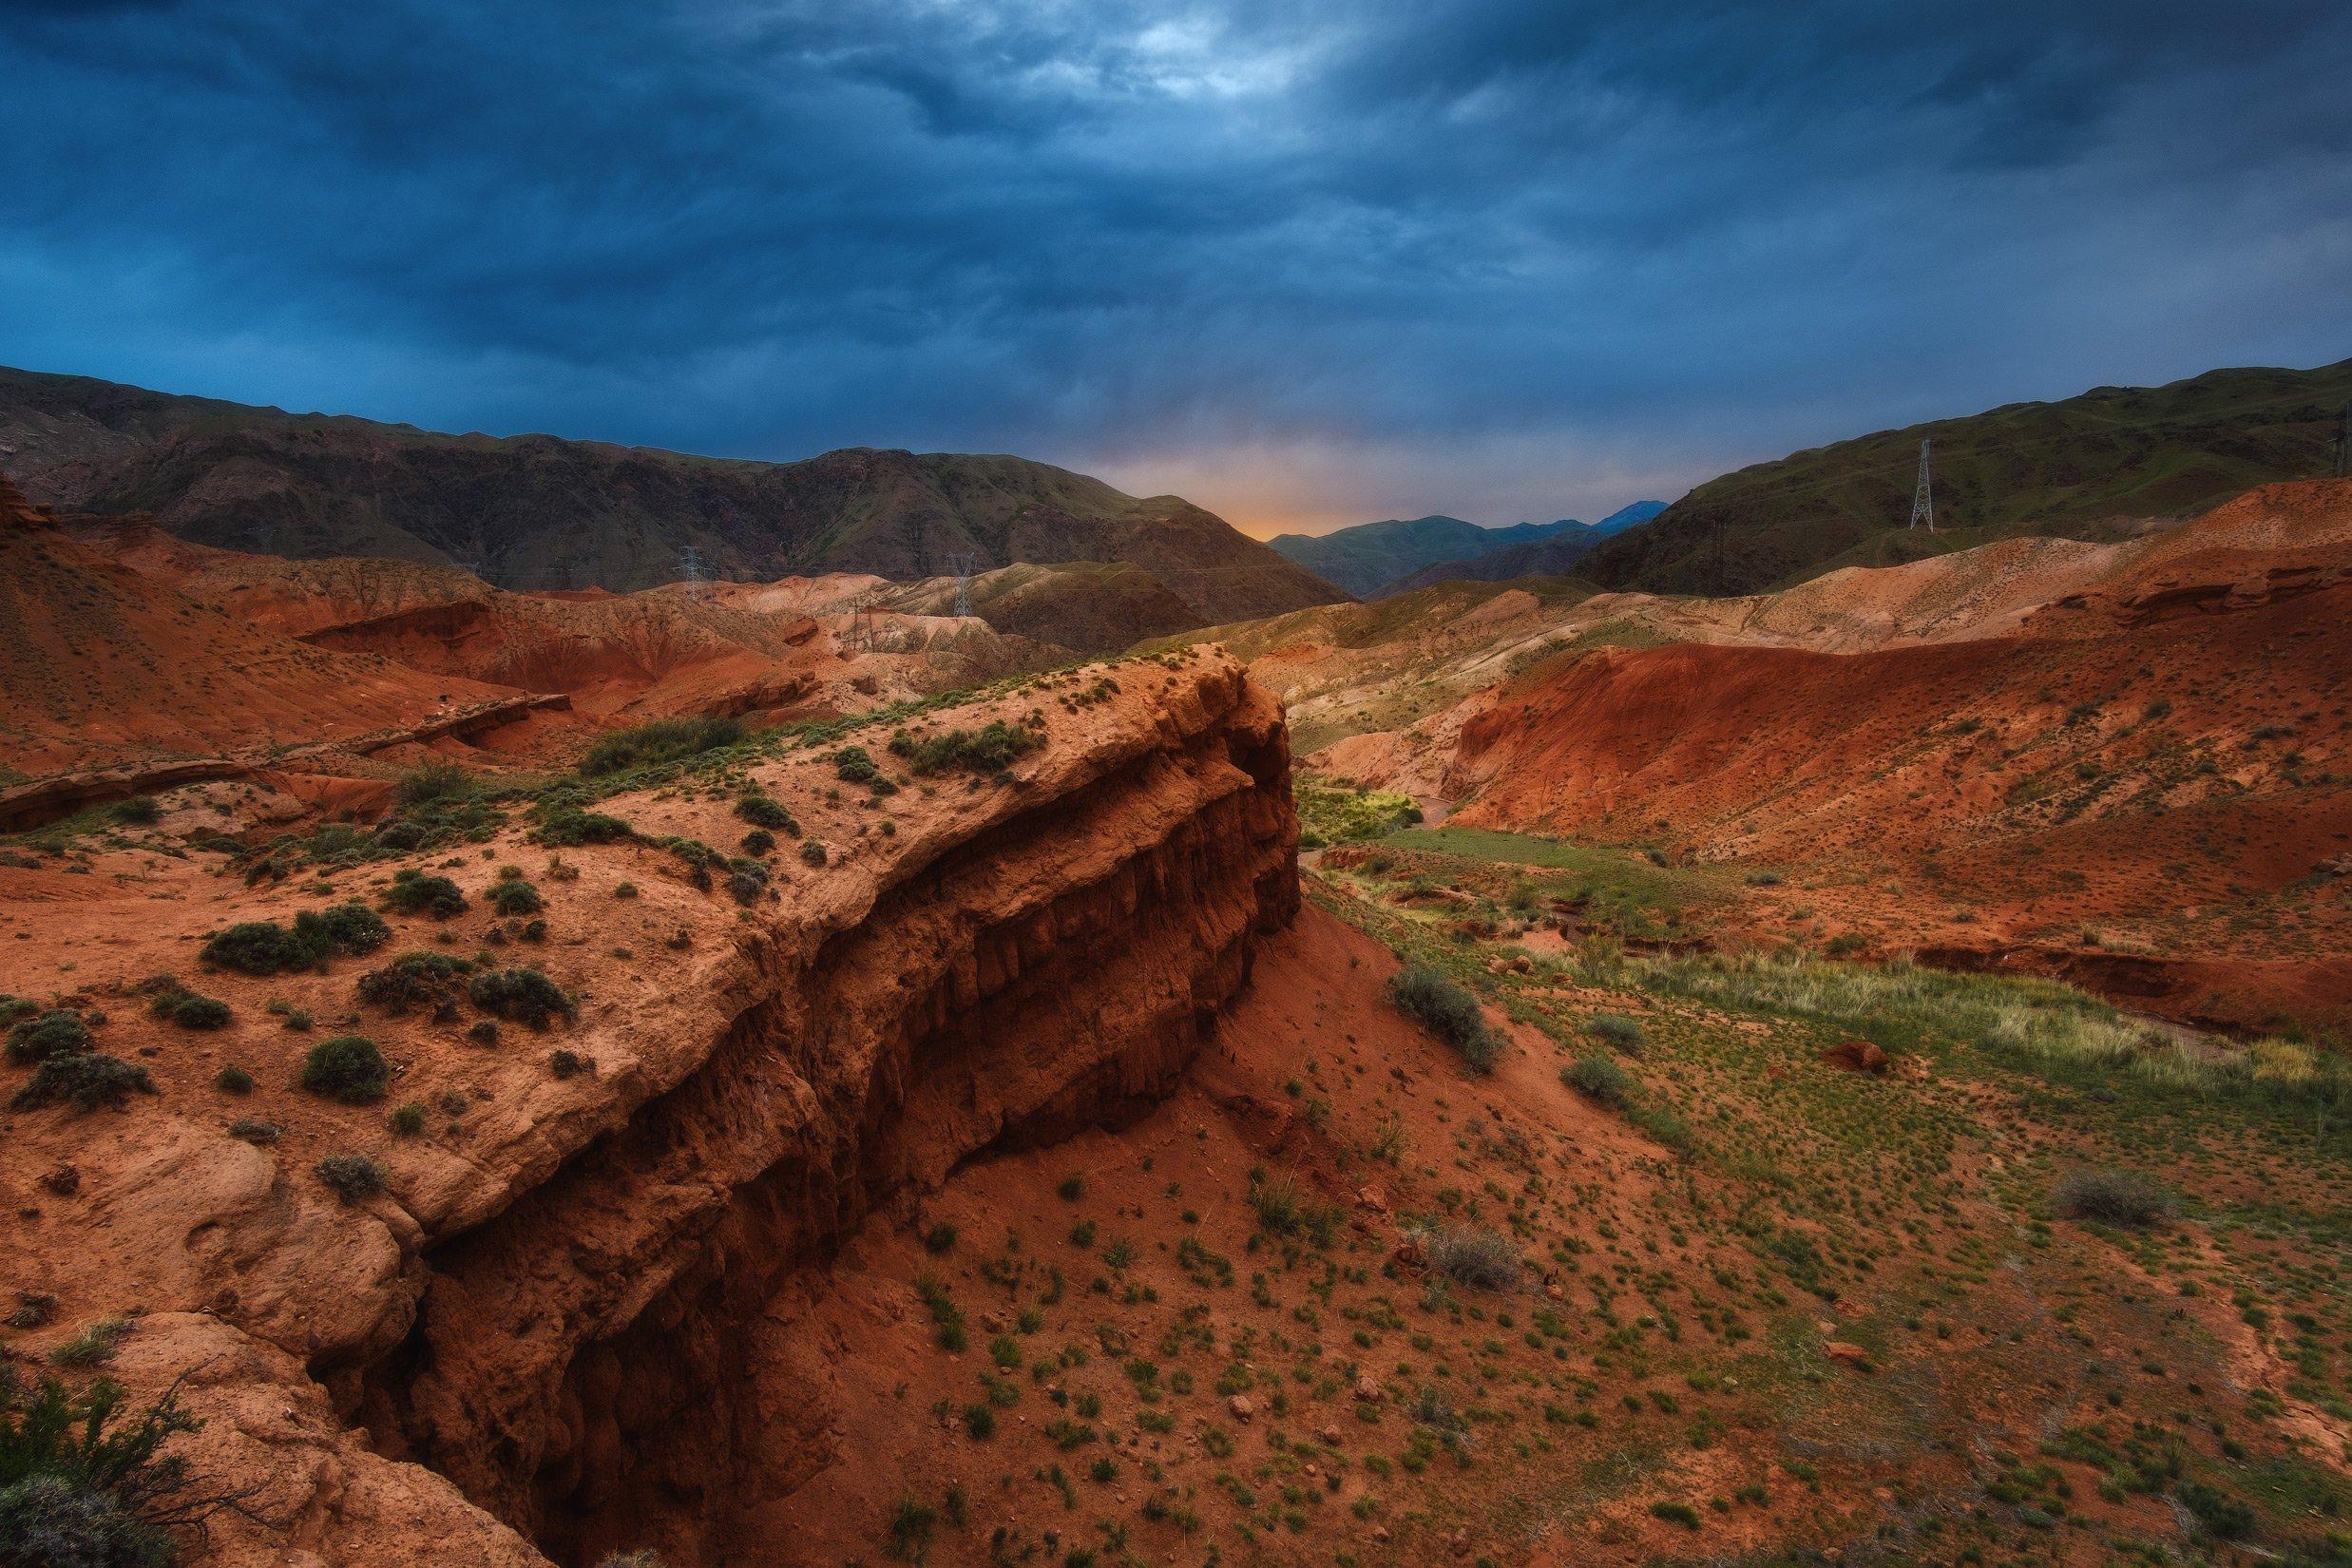 киргизия, кыргызстан, средняя азия, горы, каньон, скалы, пейзаж, лето, ущелье, каньон, утро, Оборотов Алексей